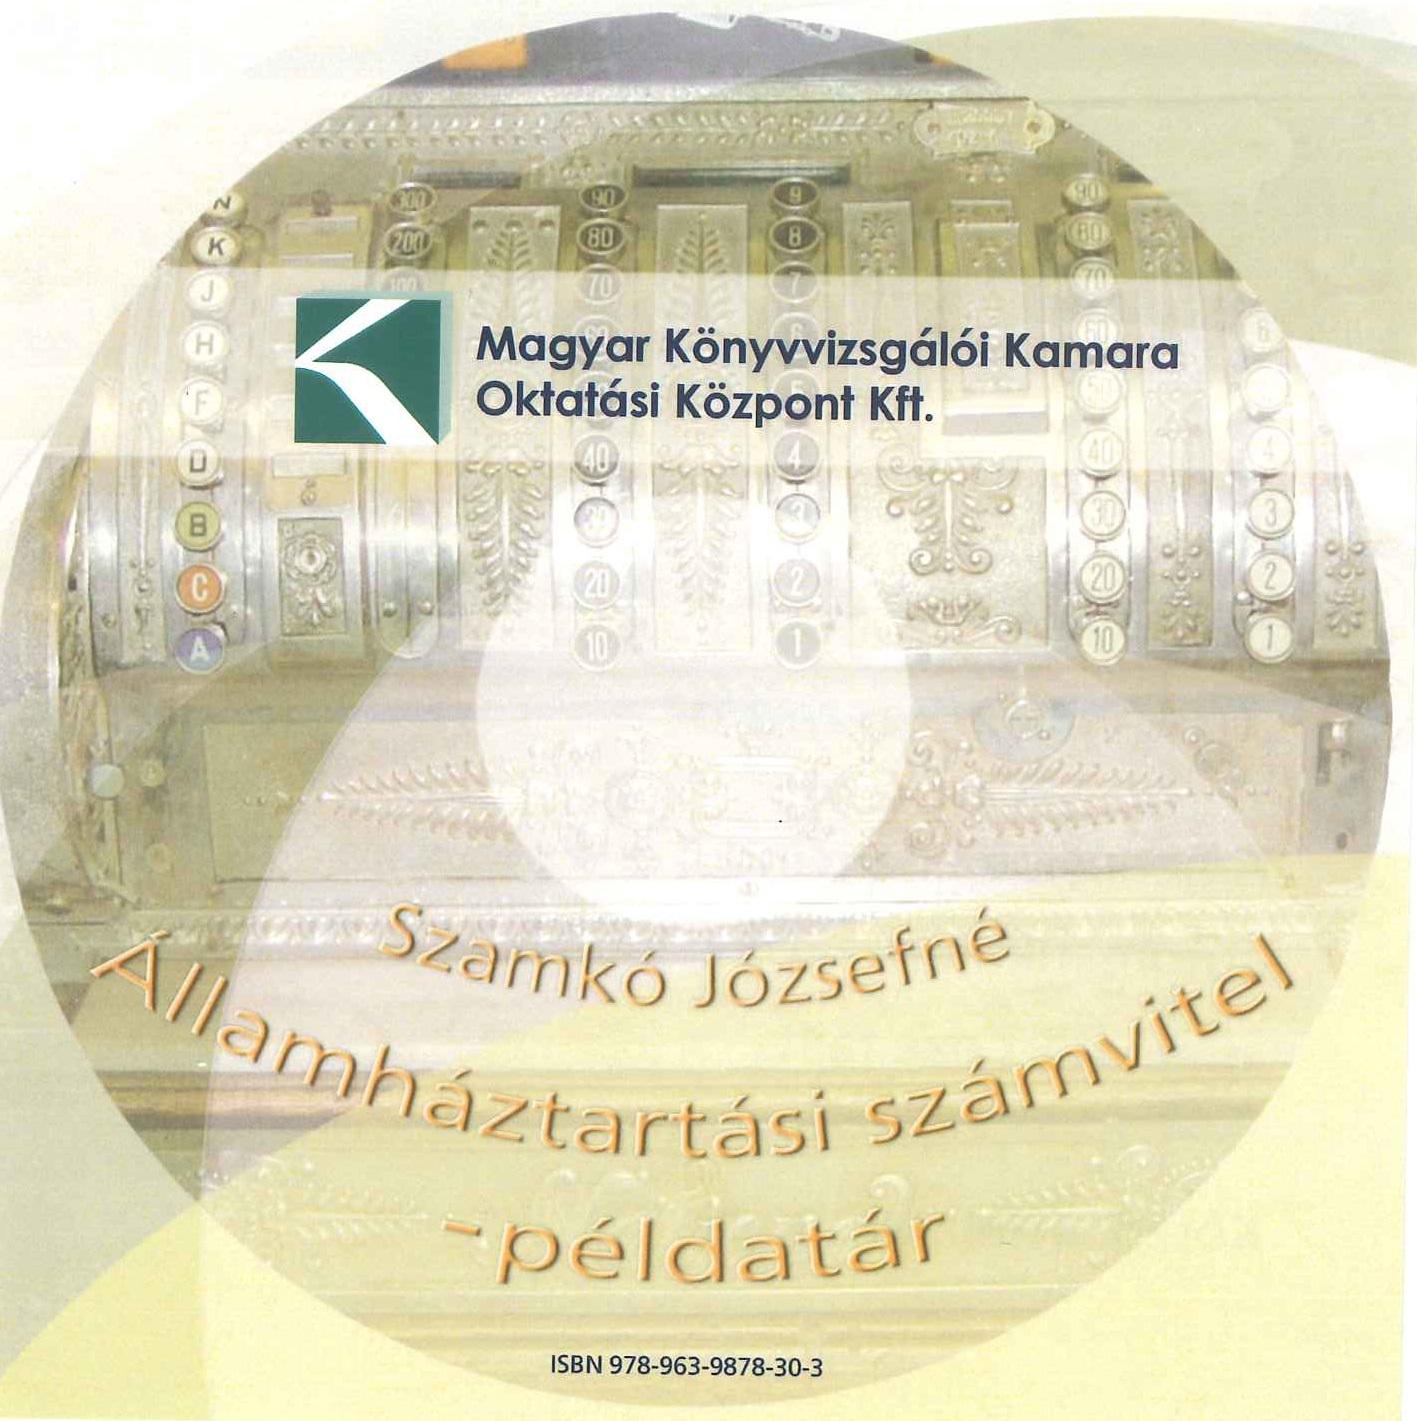 Államháztartási számvitel - példatár (CD)